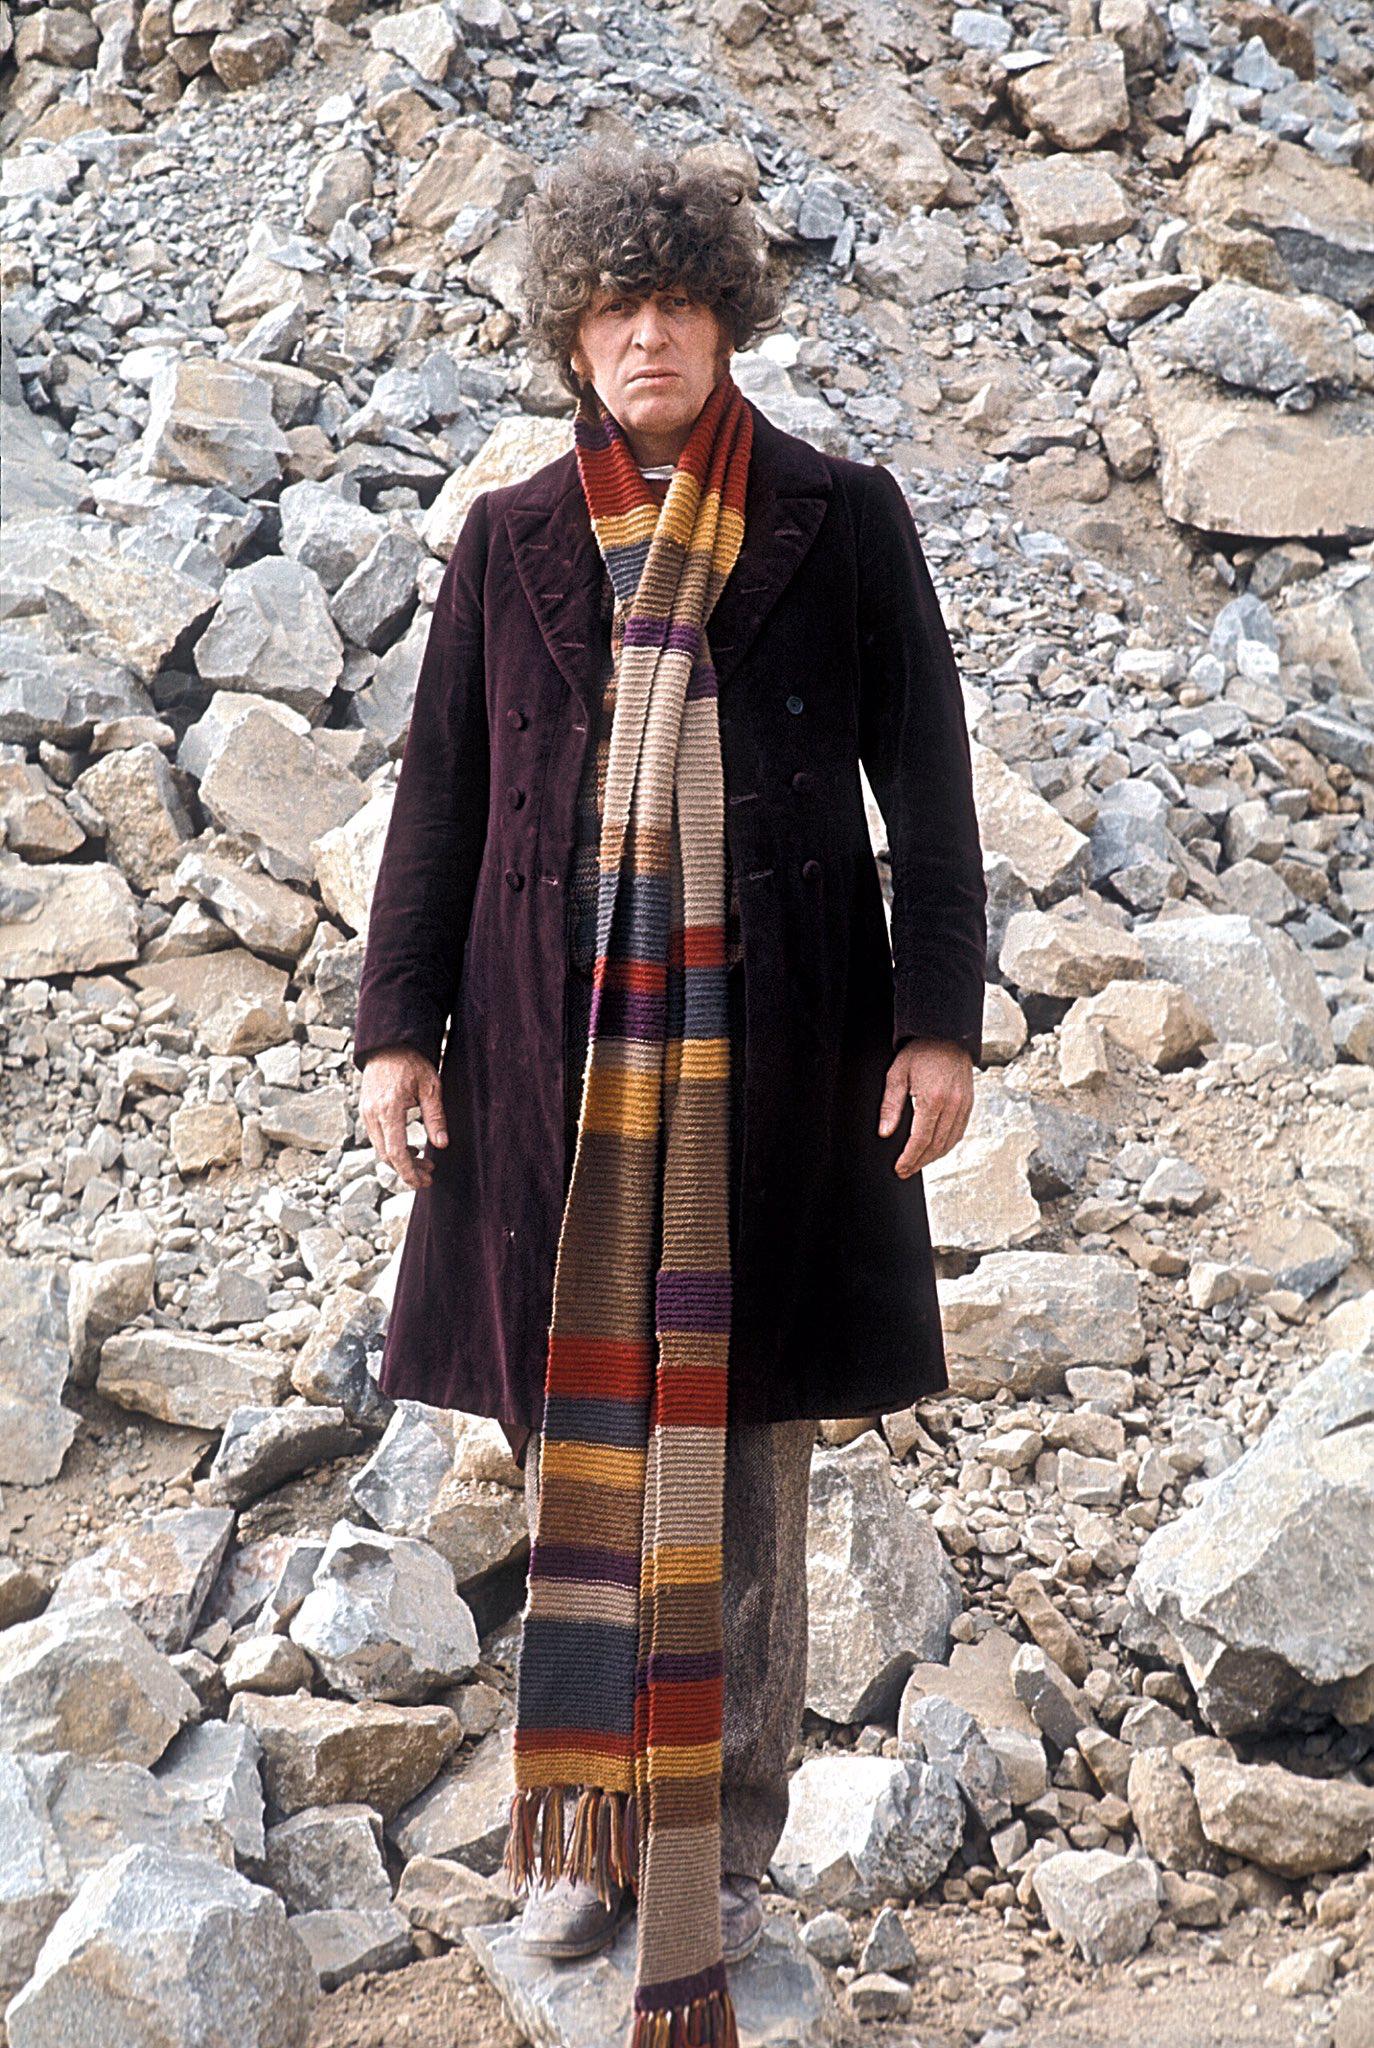 Amazing Tom Baker Schal Häkelmuster Inspiration - Decke Stricken ...